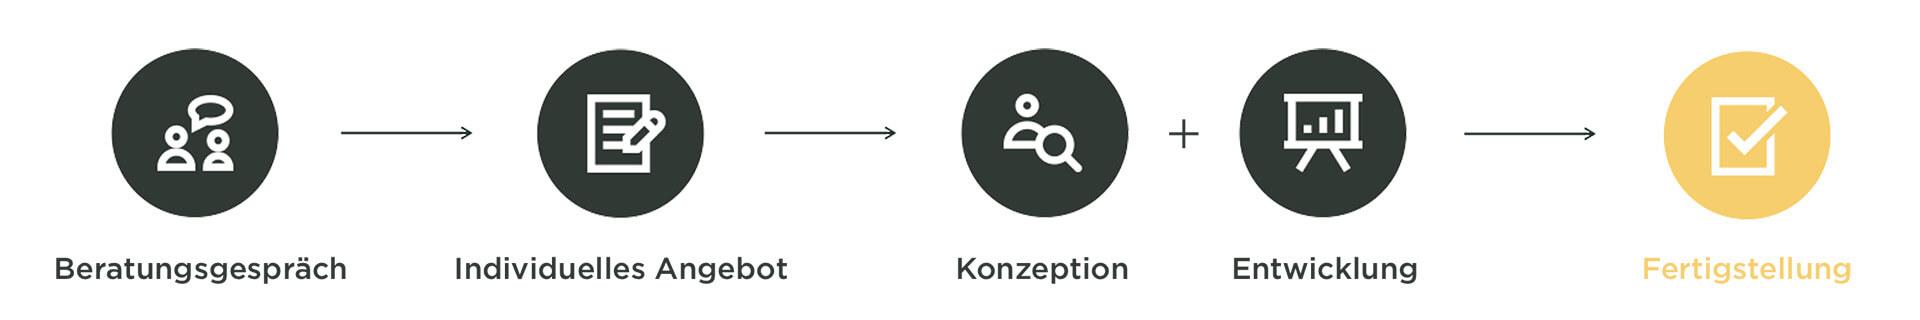 Infografik Prozess der Erstellung eines Onlineshops